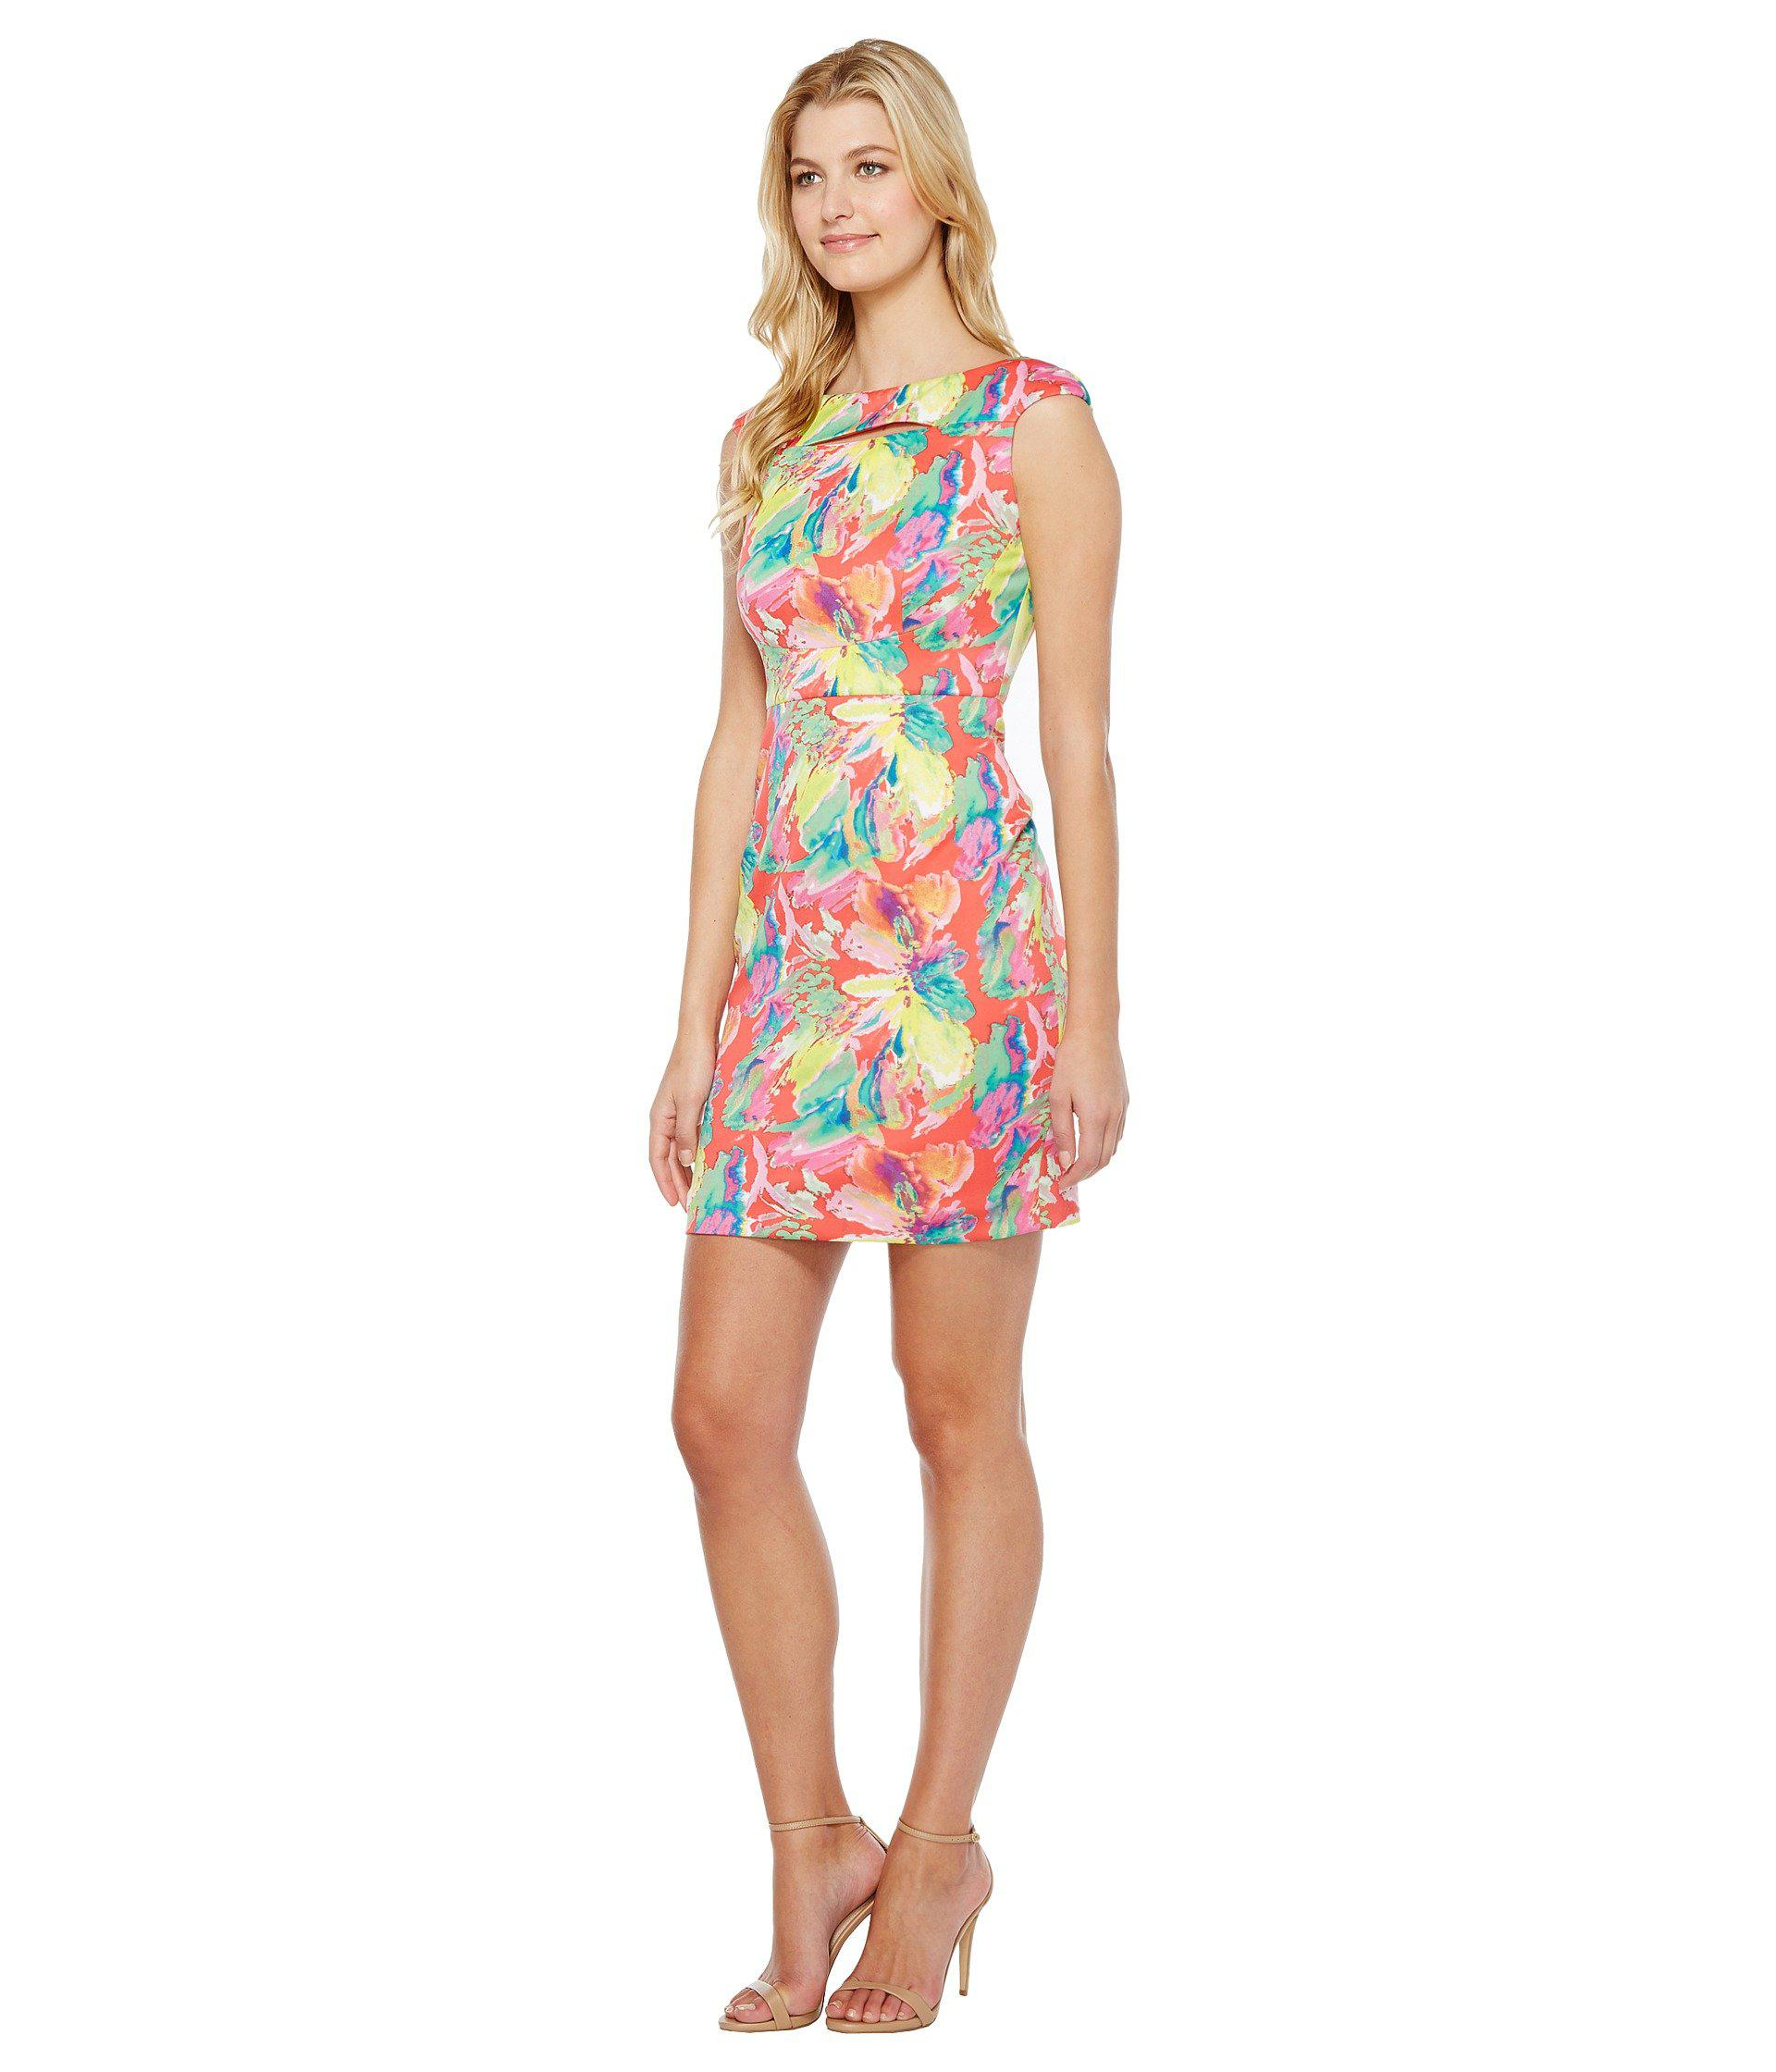 4e4aa46c95 Lyst - Tahari Scuba Floral Sheath Dress in Pink